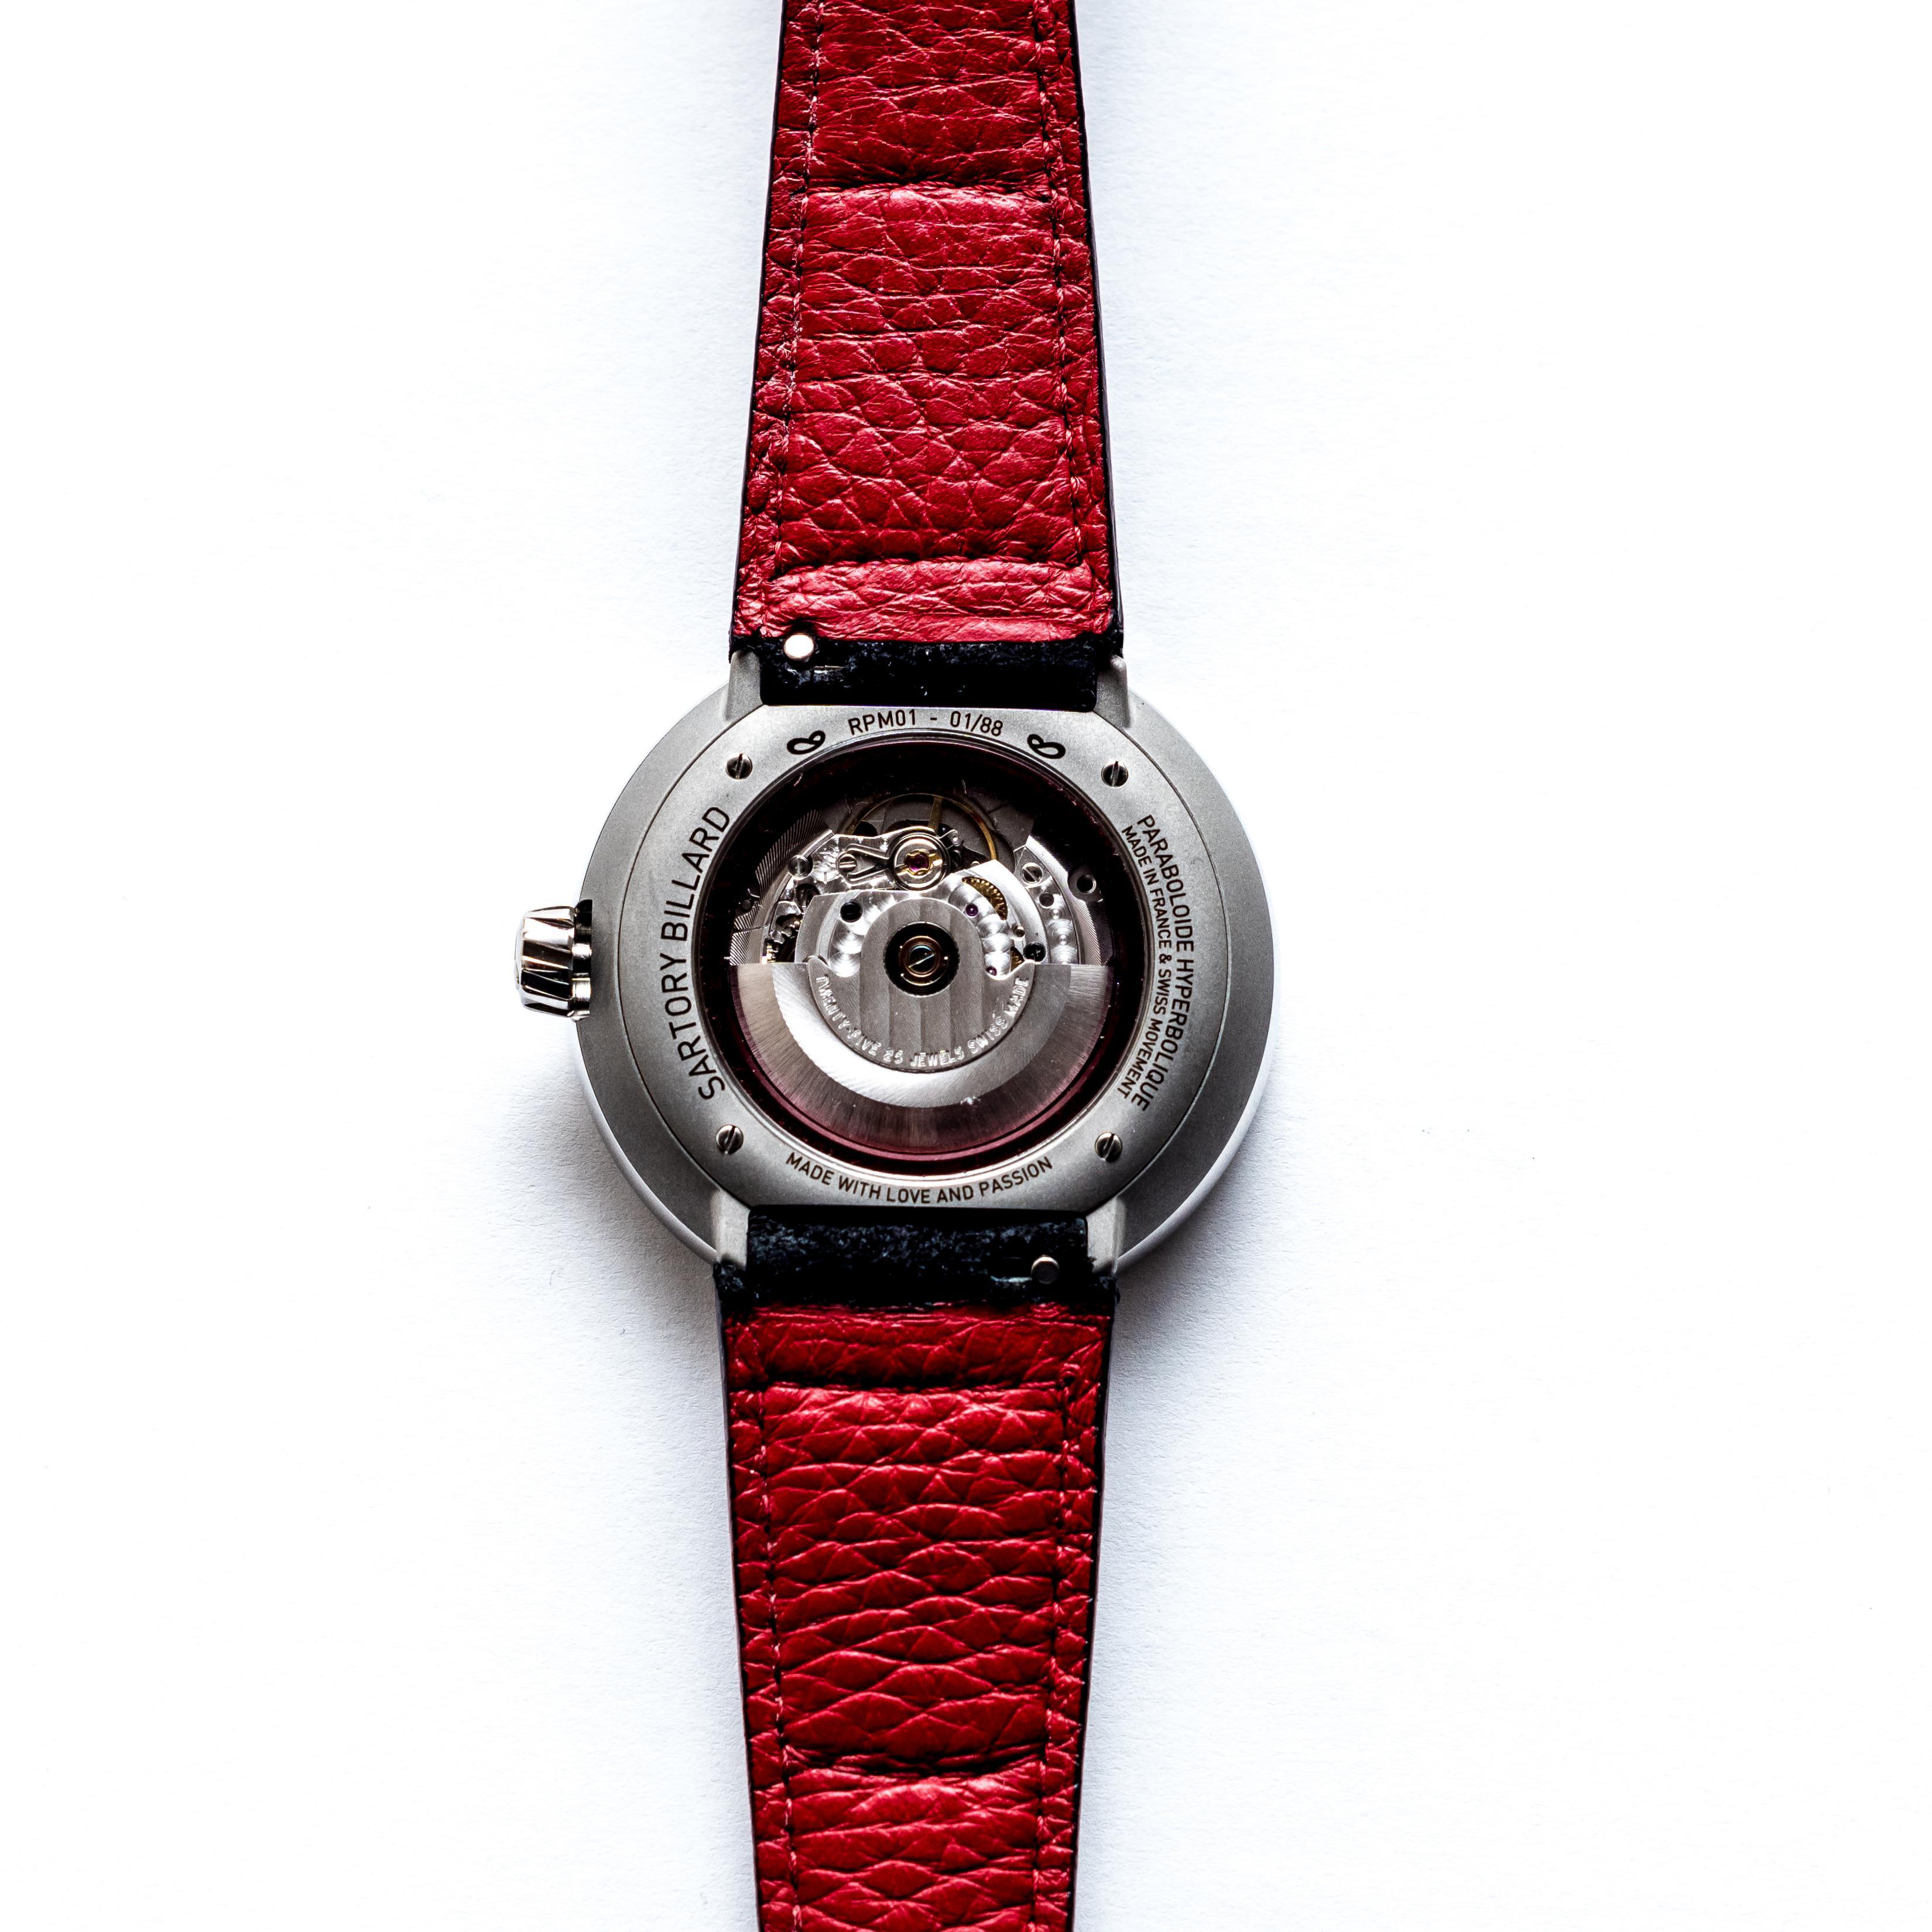 sartory - Naissance d'une nouvelle montre française : SARTORY BILLARD RPM01 - Page 2 SARTORY-BILLARD-fond-blanc-dos